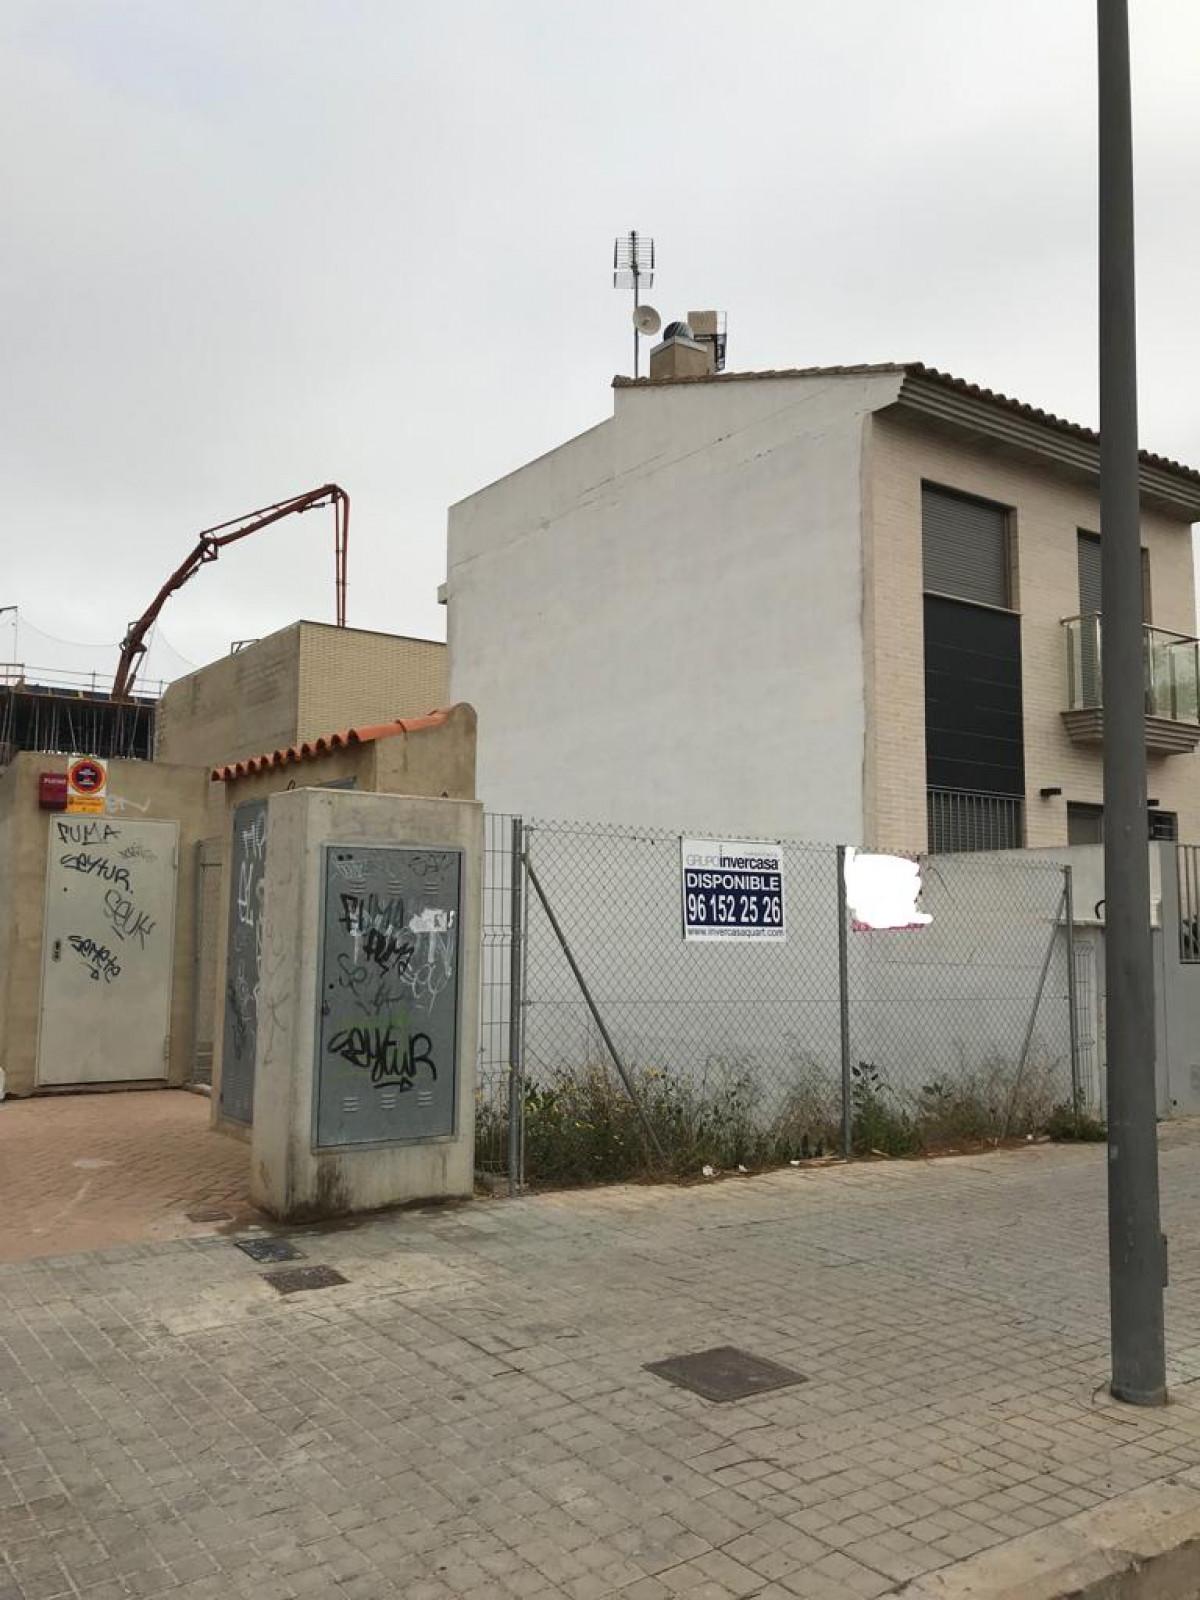 Terrain urbain  Quart de poblet ,parada de metro faitanar. Parcela urbana para construcción de adosado.